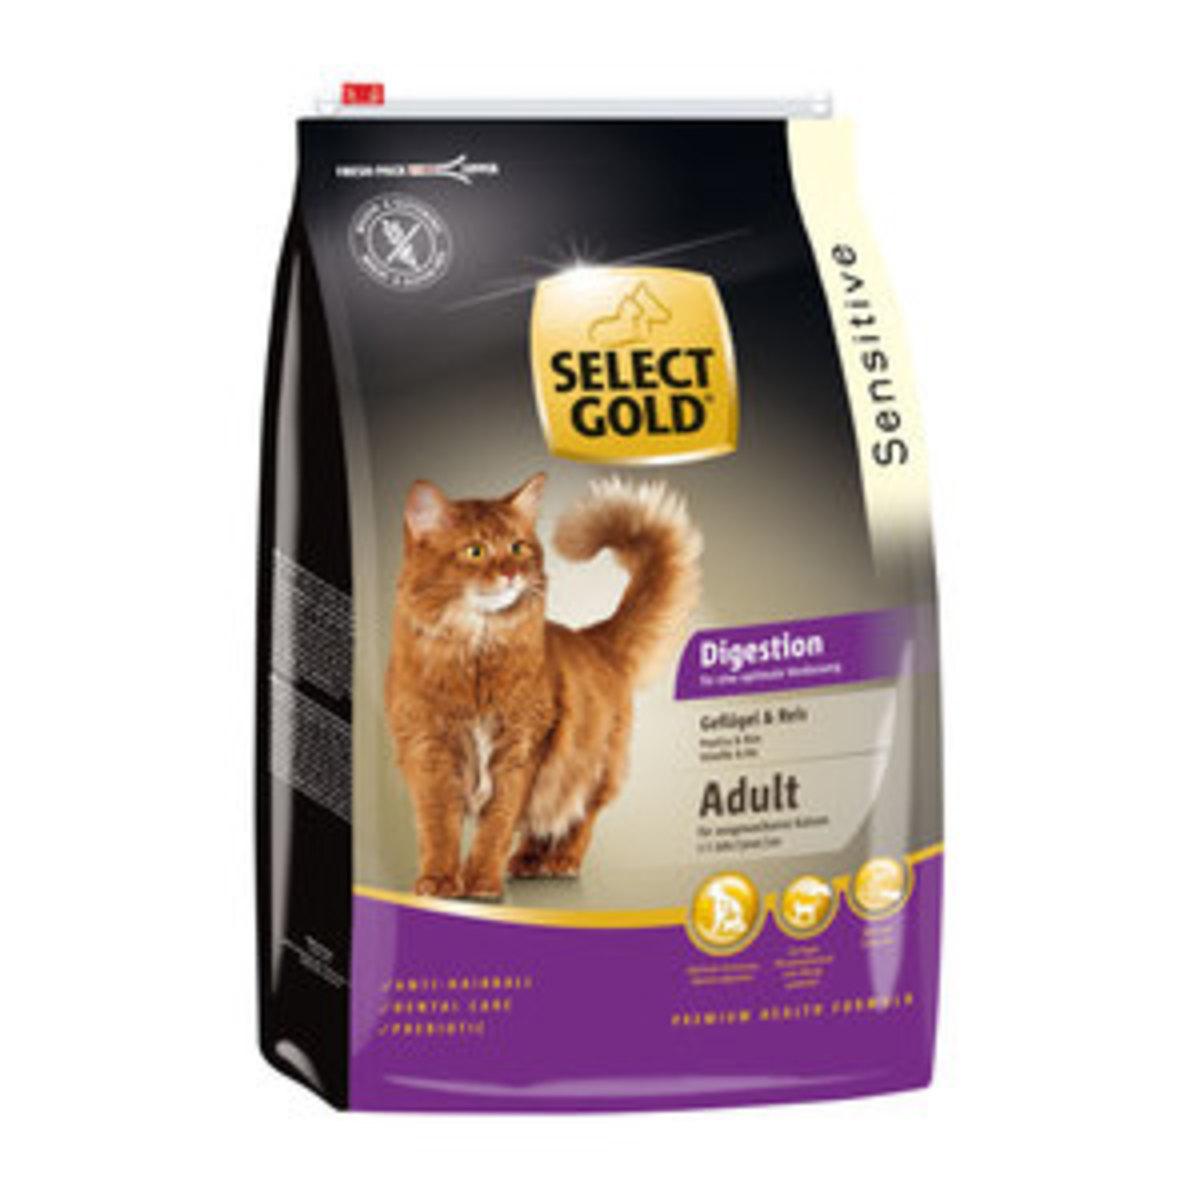 Bild 3 von SELECT GOLD Sensitive Adult Digestion Geflügel & Reis